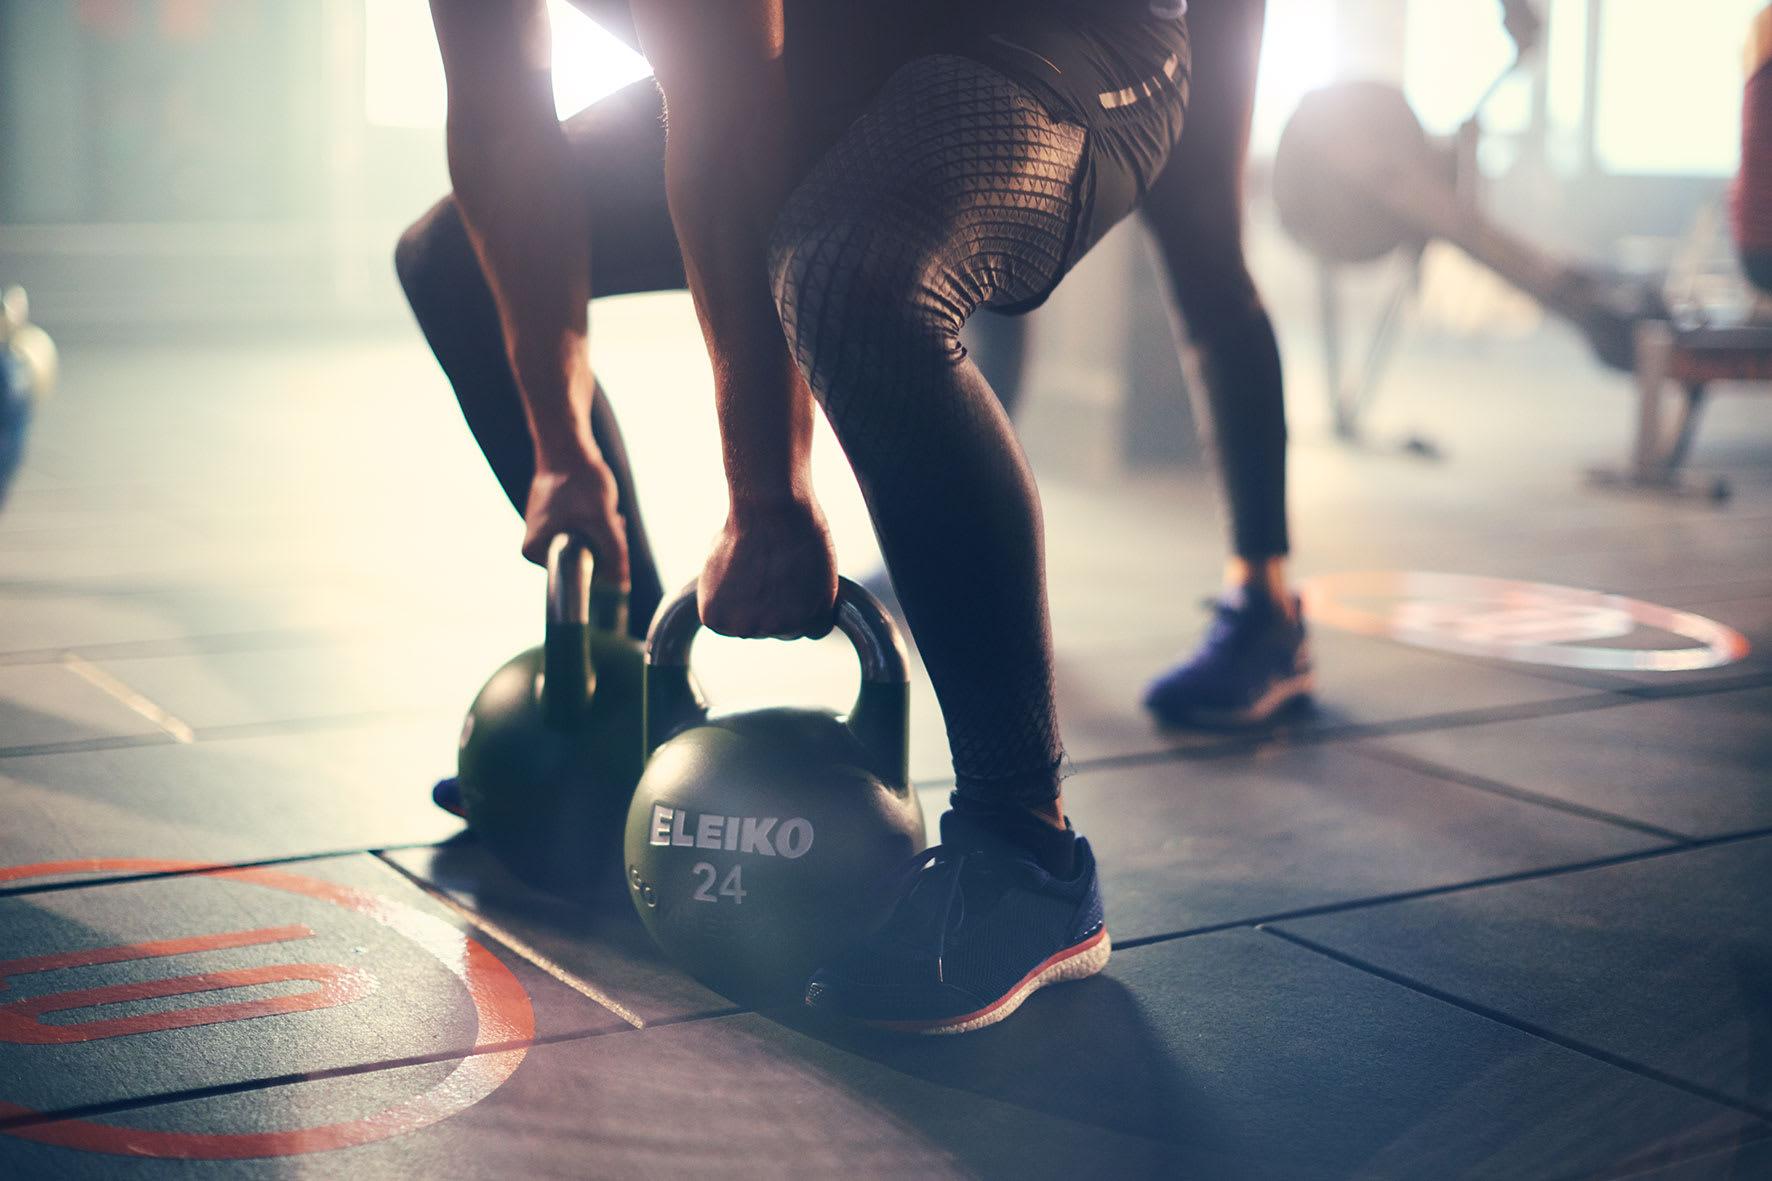 Effektiv trening for deg som vil ha definerte muskler